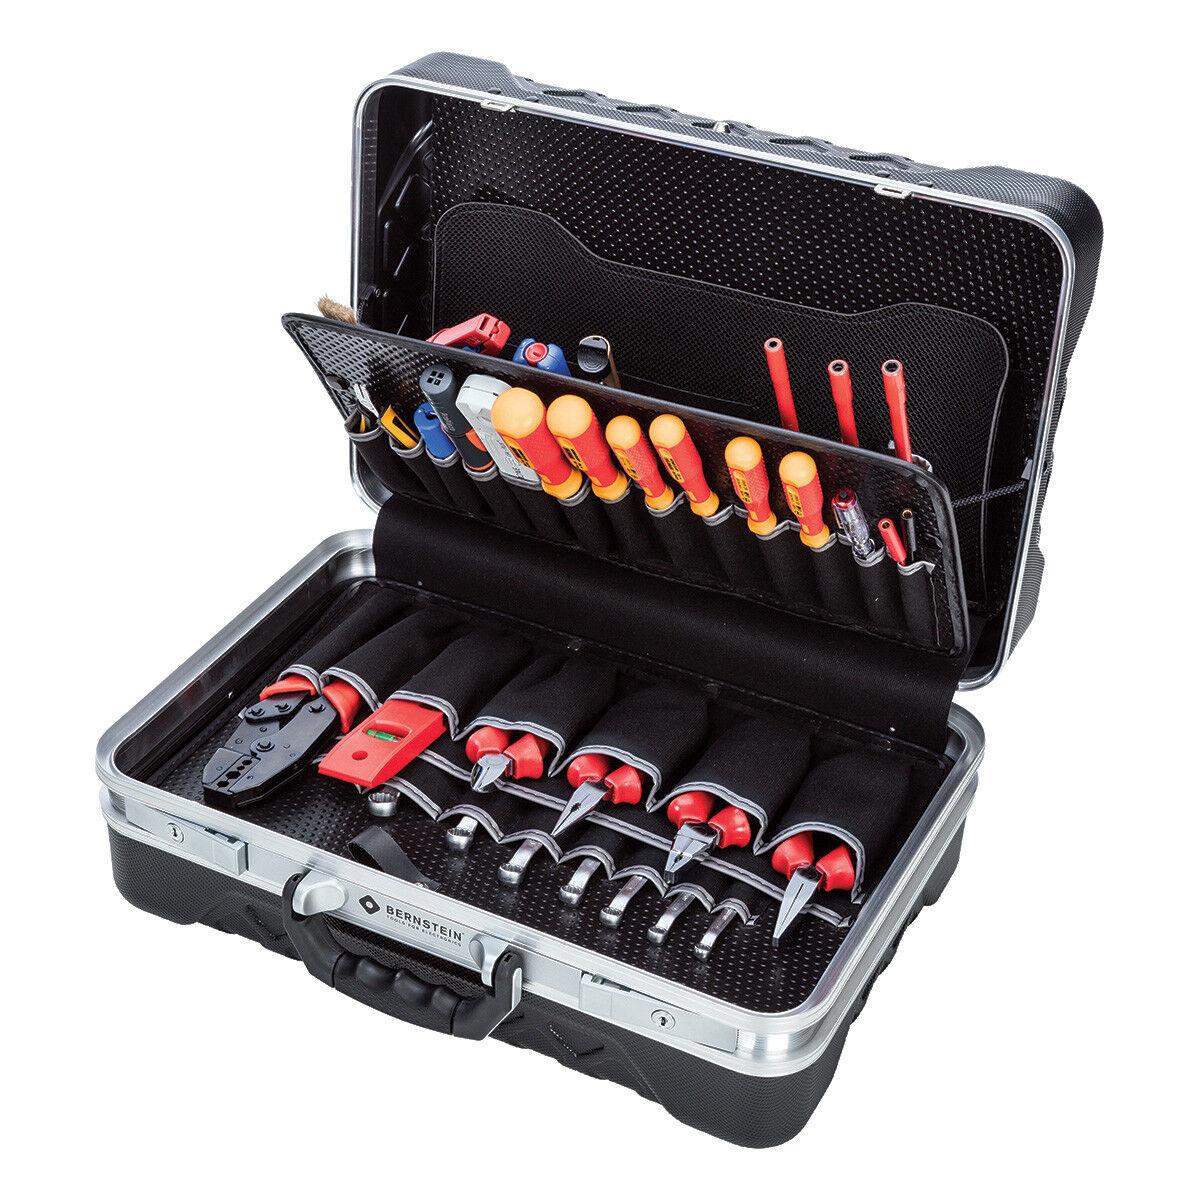 Werkzeugkoffer Werkzeugsatz Werkzeugset, 64-tlg.,Bernstein No. 6750